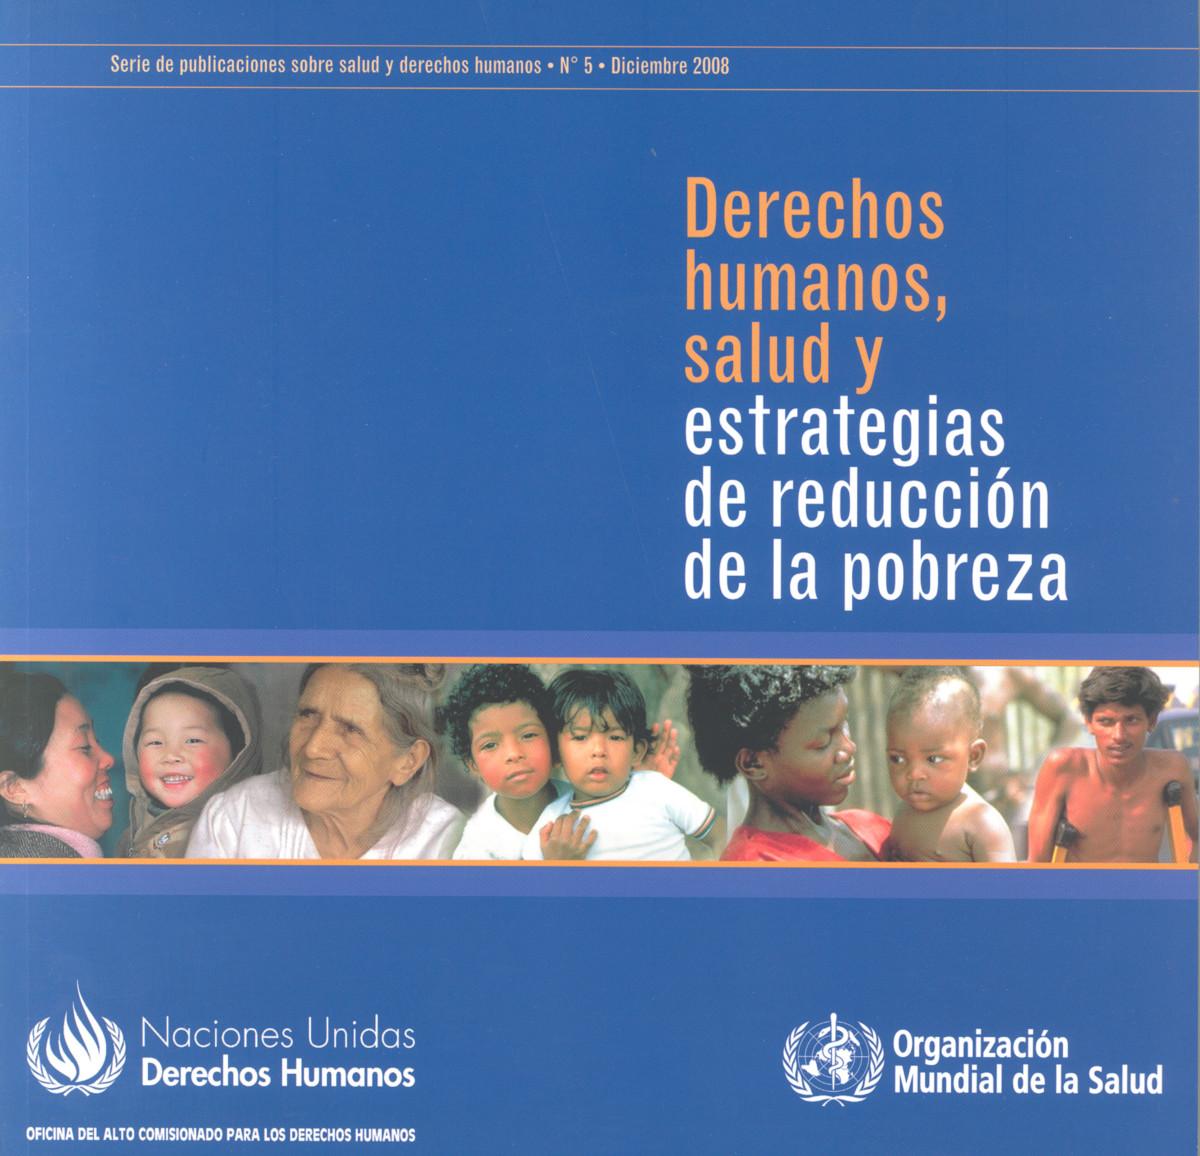 Derechos humanos, salud y estrategias de reducción de la pobreza